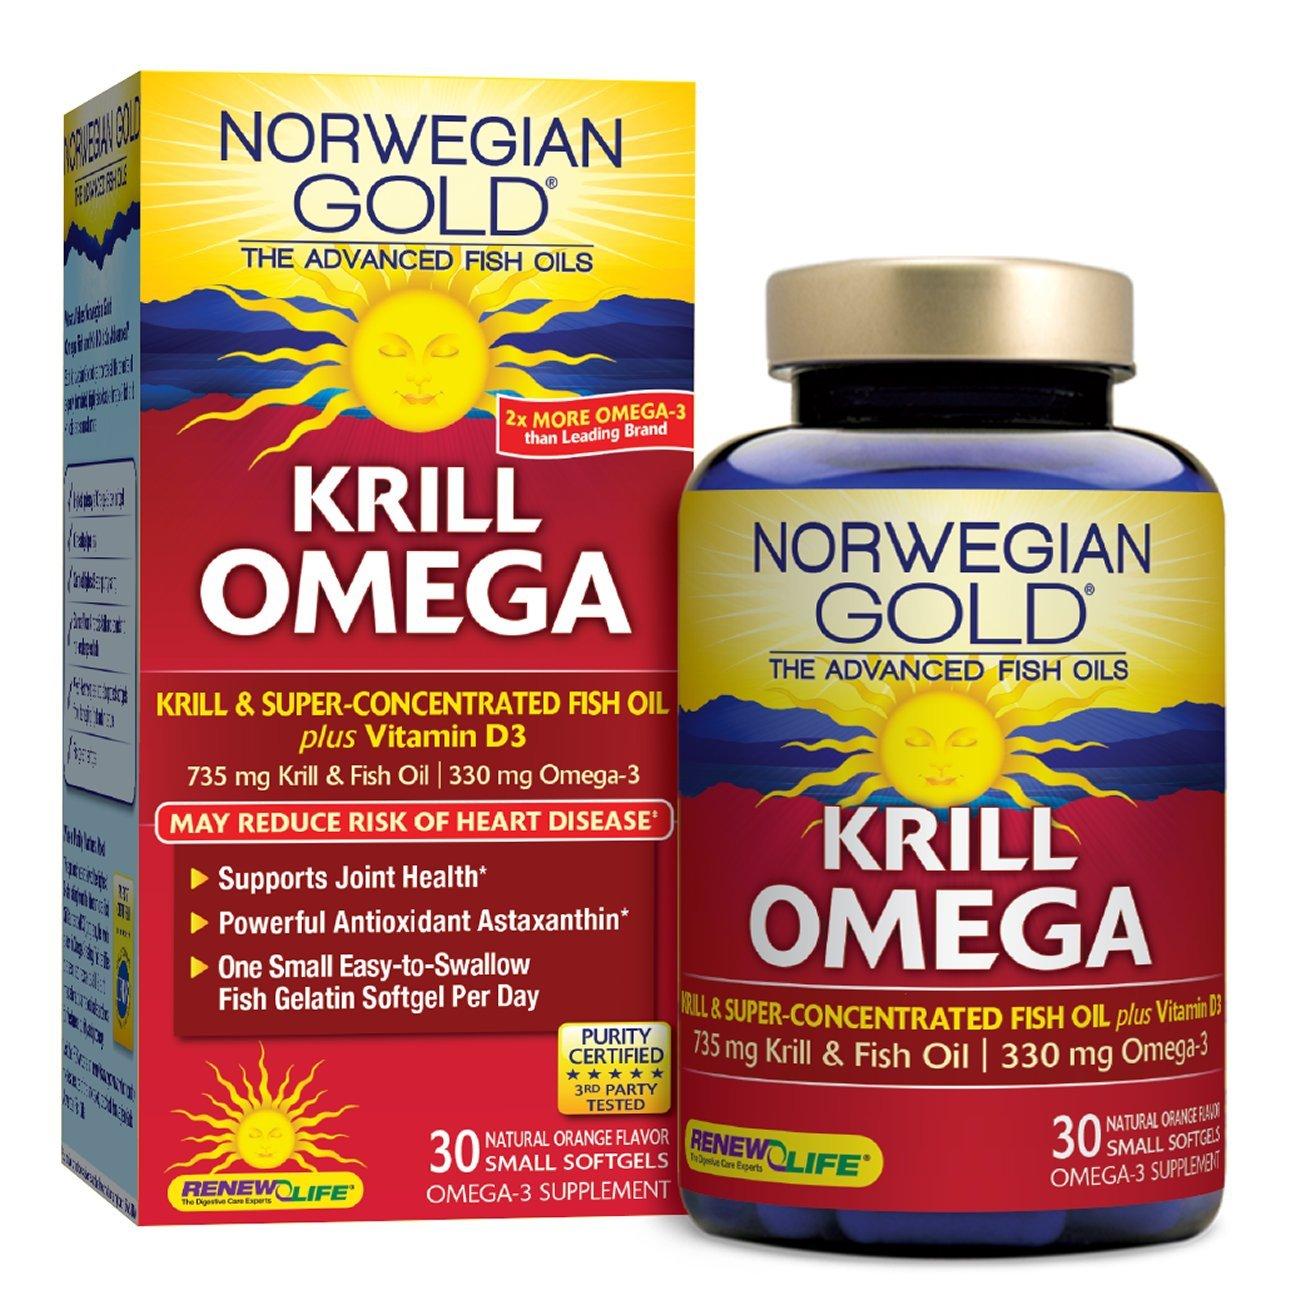 Norwegian Gold - Krill Omega - Krill & Fish Oil supplement - 30 softgel capsules - Renew Life brand